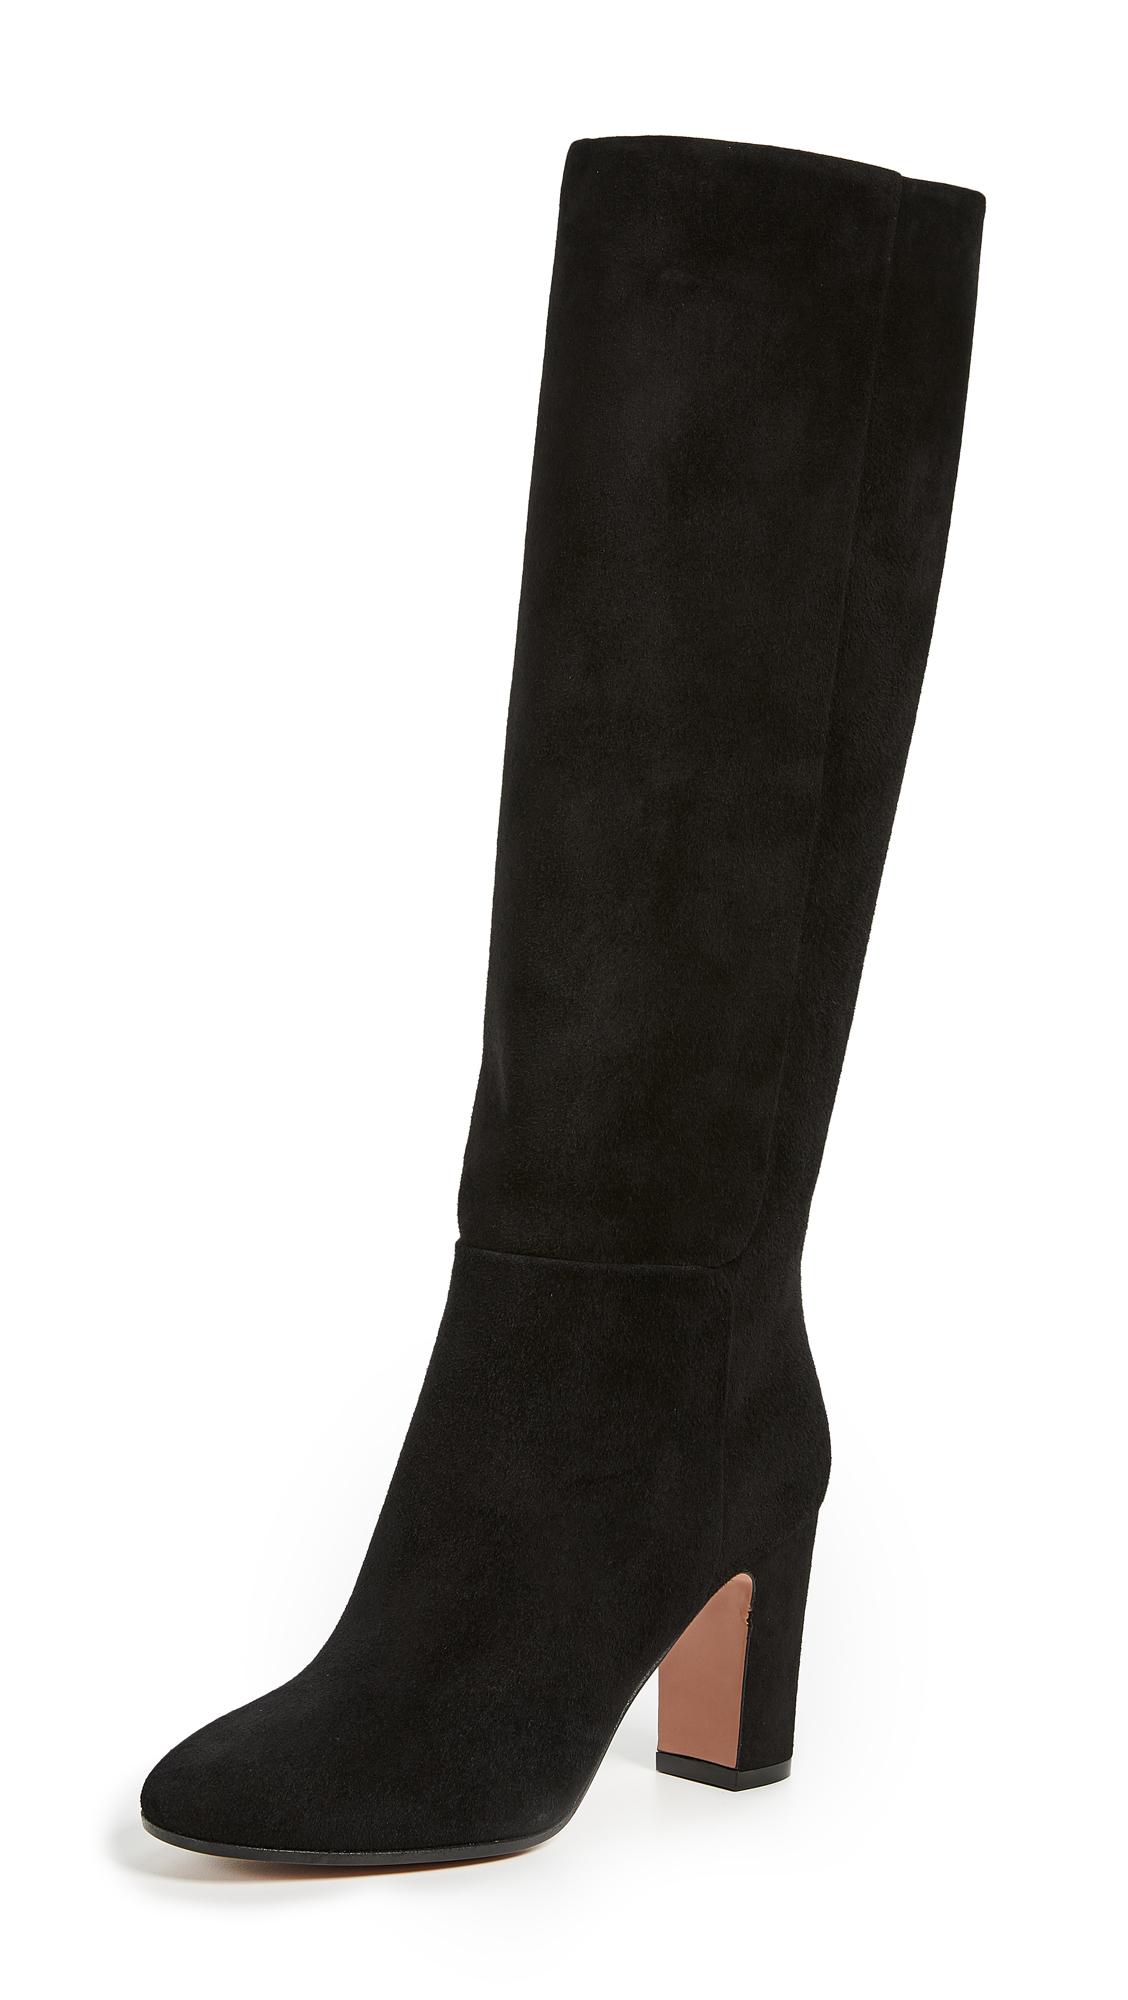 Aquazzura Brera 85 Boots - Black